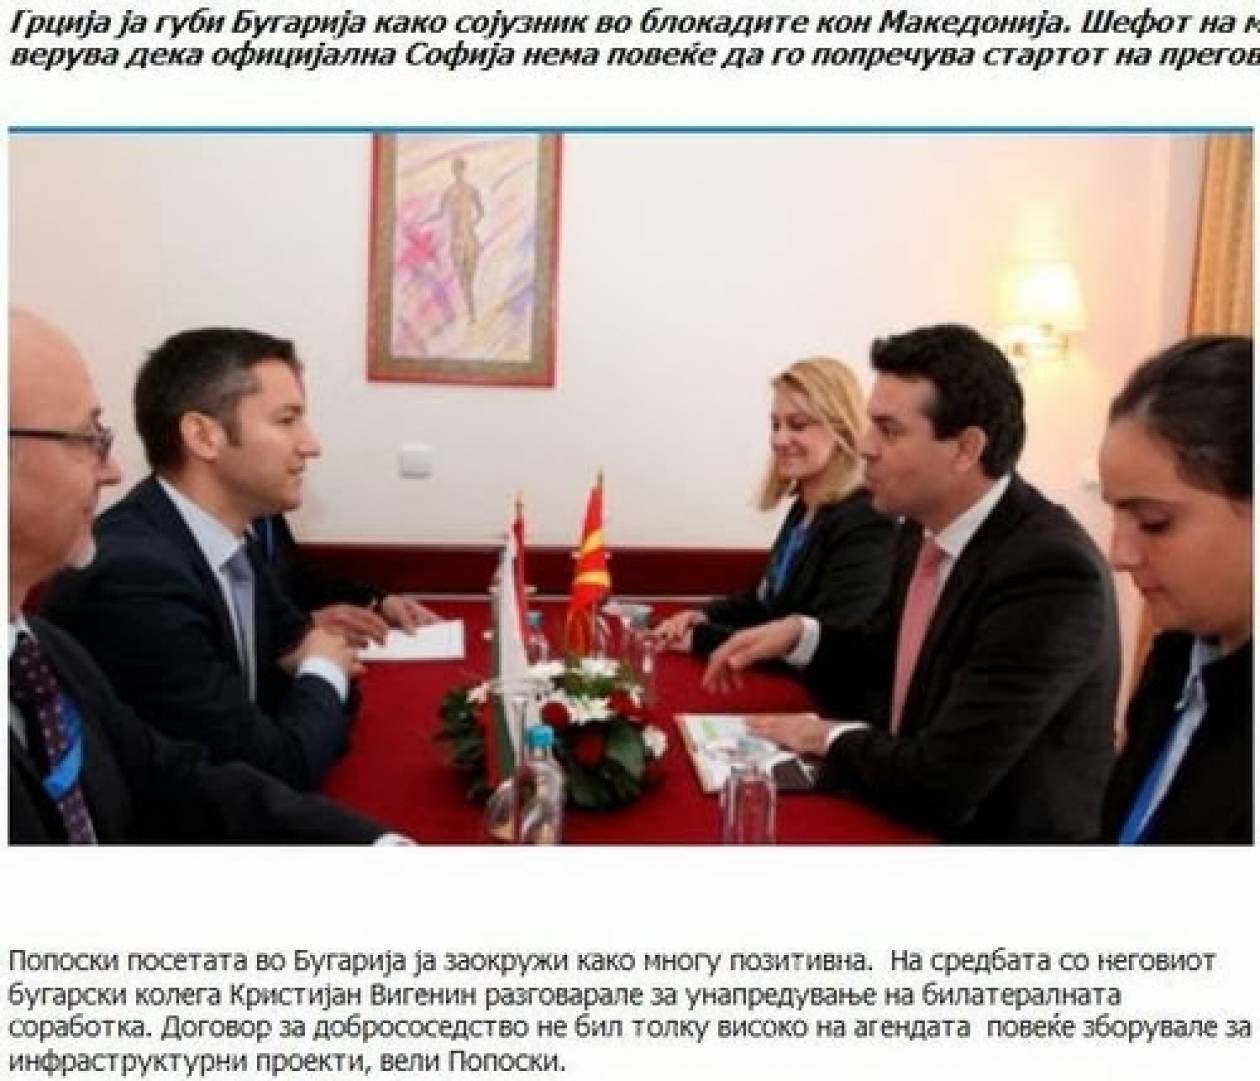 «Η Ελλάδα έχασε τη Βουλγαρία ως σύμμαχο στον αποκλεισμό των Σκοπίων»